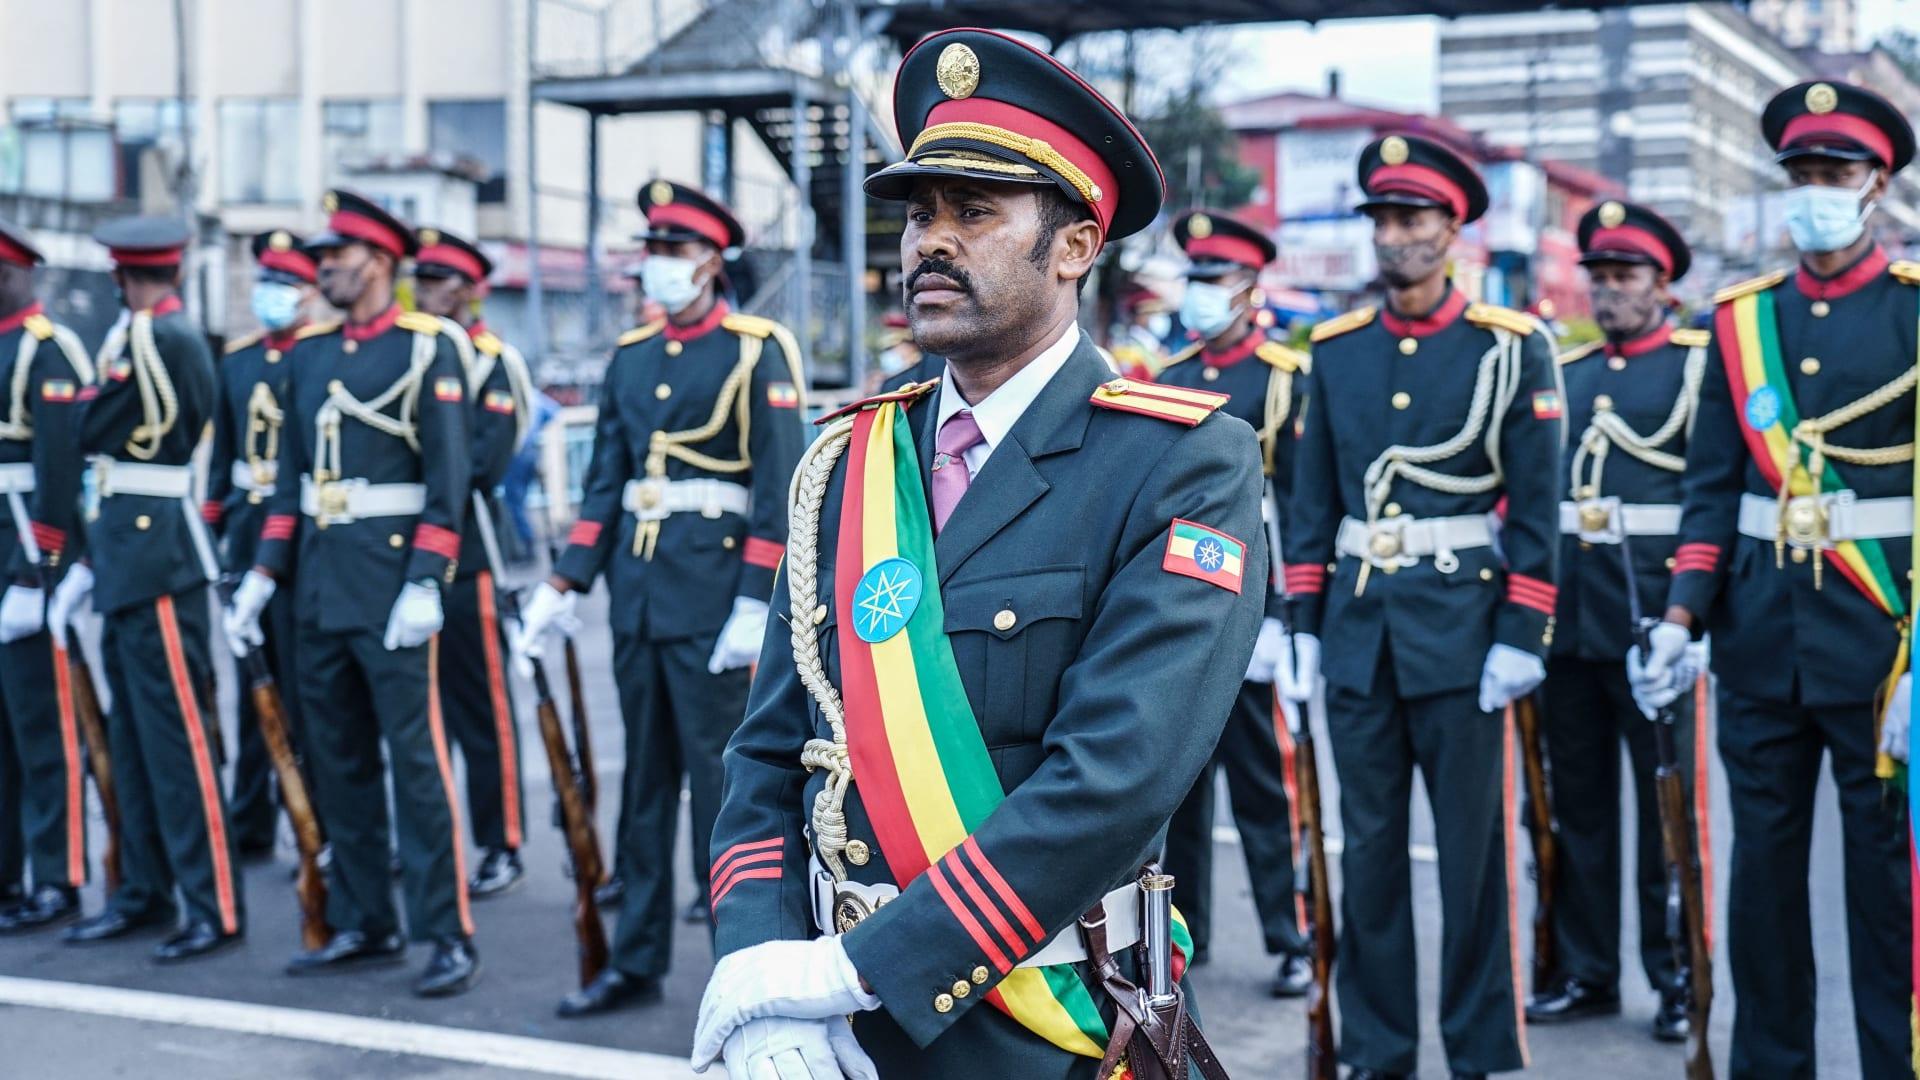 إثيوبيا تعلن توقيع اتفاقيات عسكرية مع روسيا لتحديث قدرات جيشها